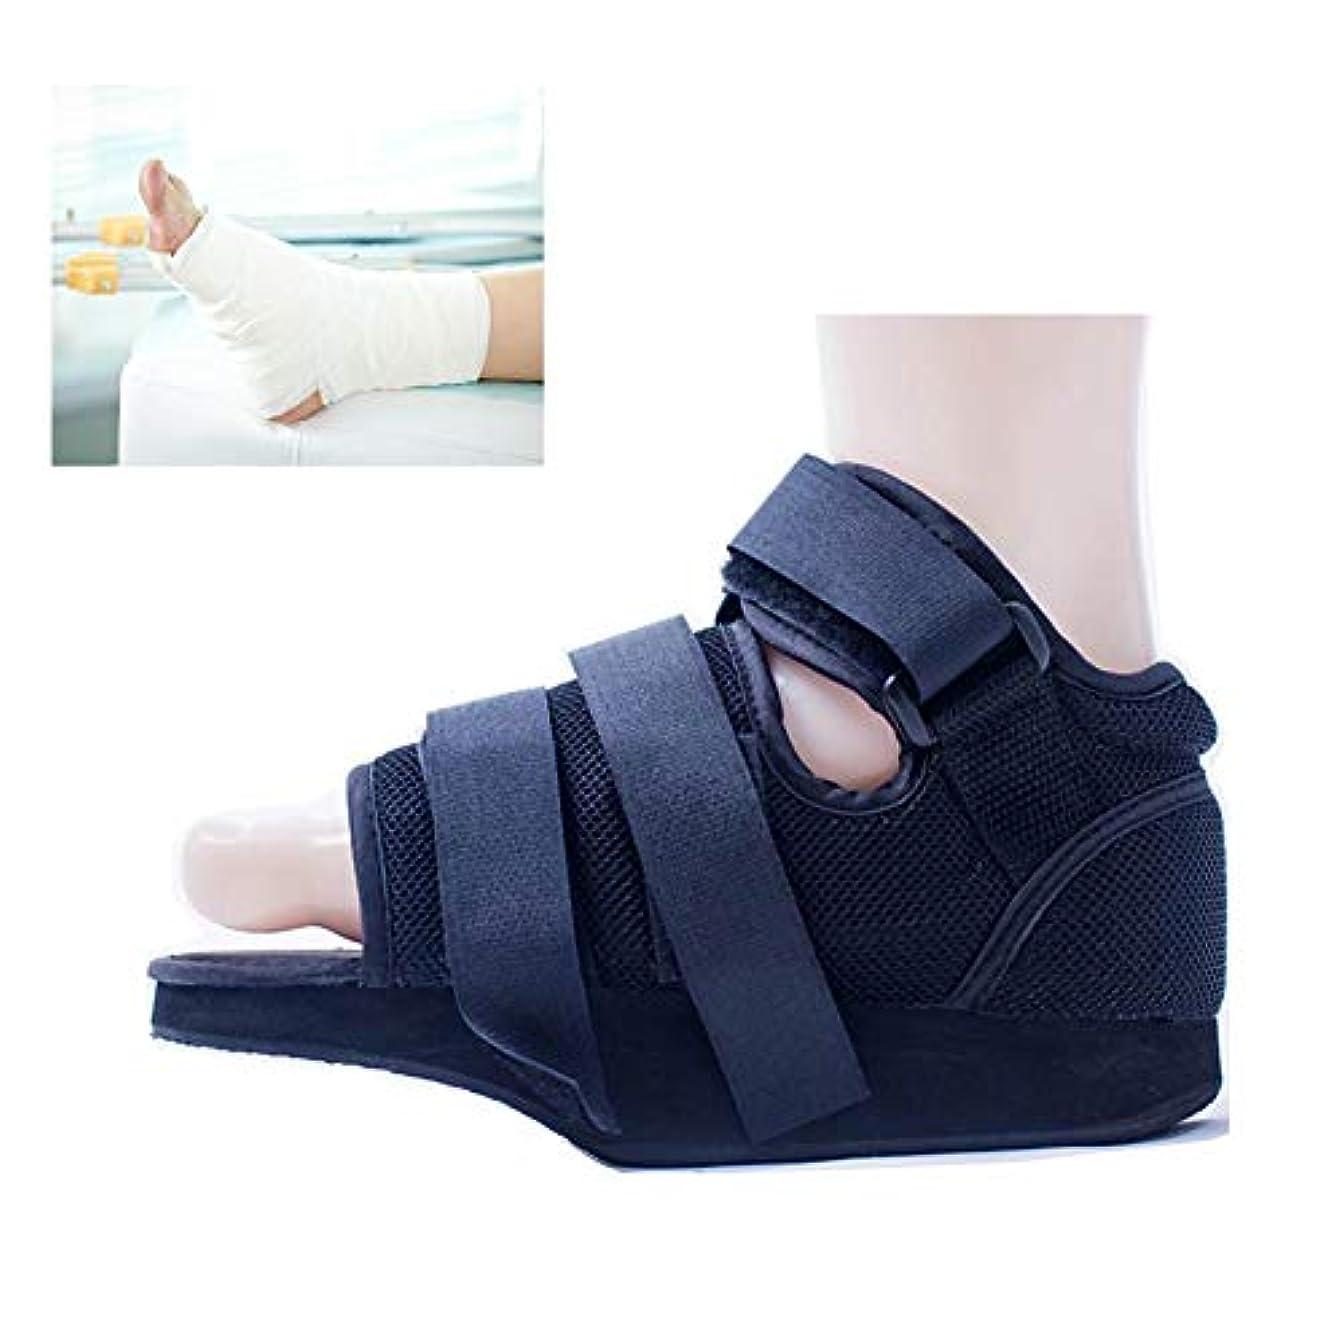 朝ごはんパスタ容器キャスト医療靴術後石膏靴ウォーキングブーツ骨折足歩行靴ポスト傷害外科的治癒リハビリテーション,XL1pc